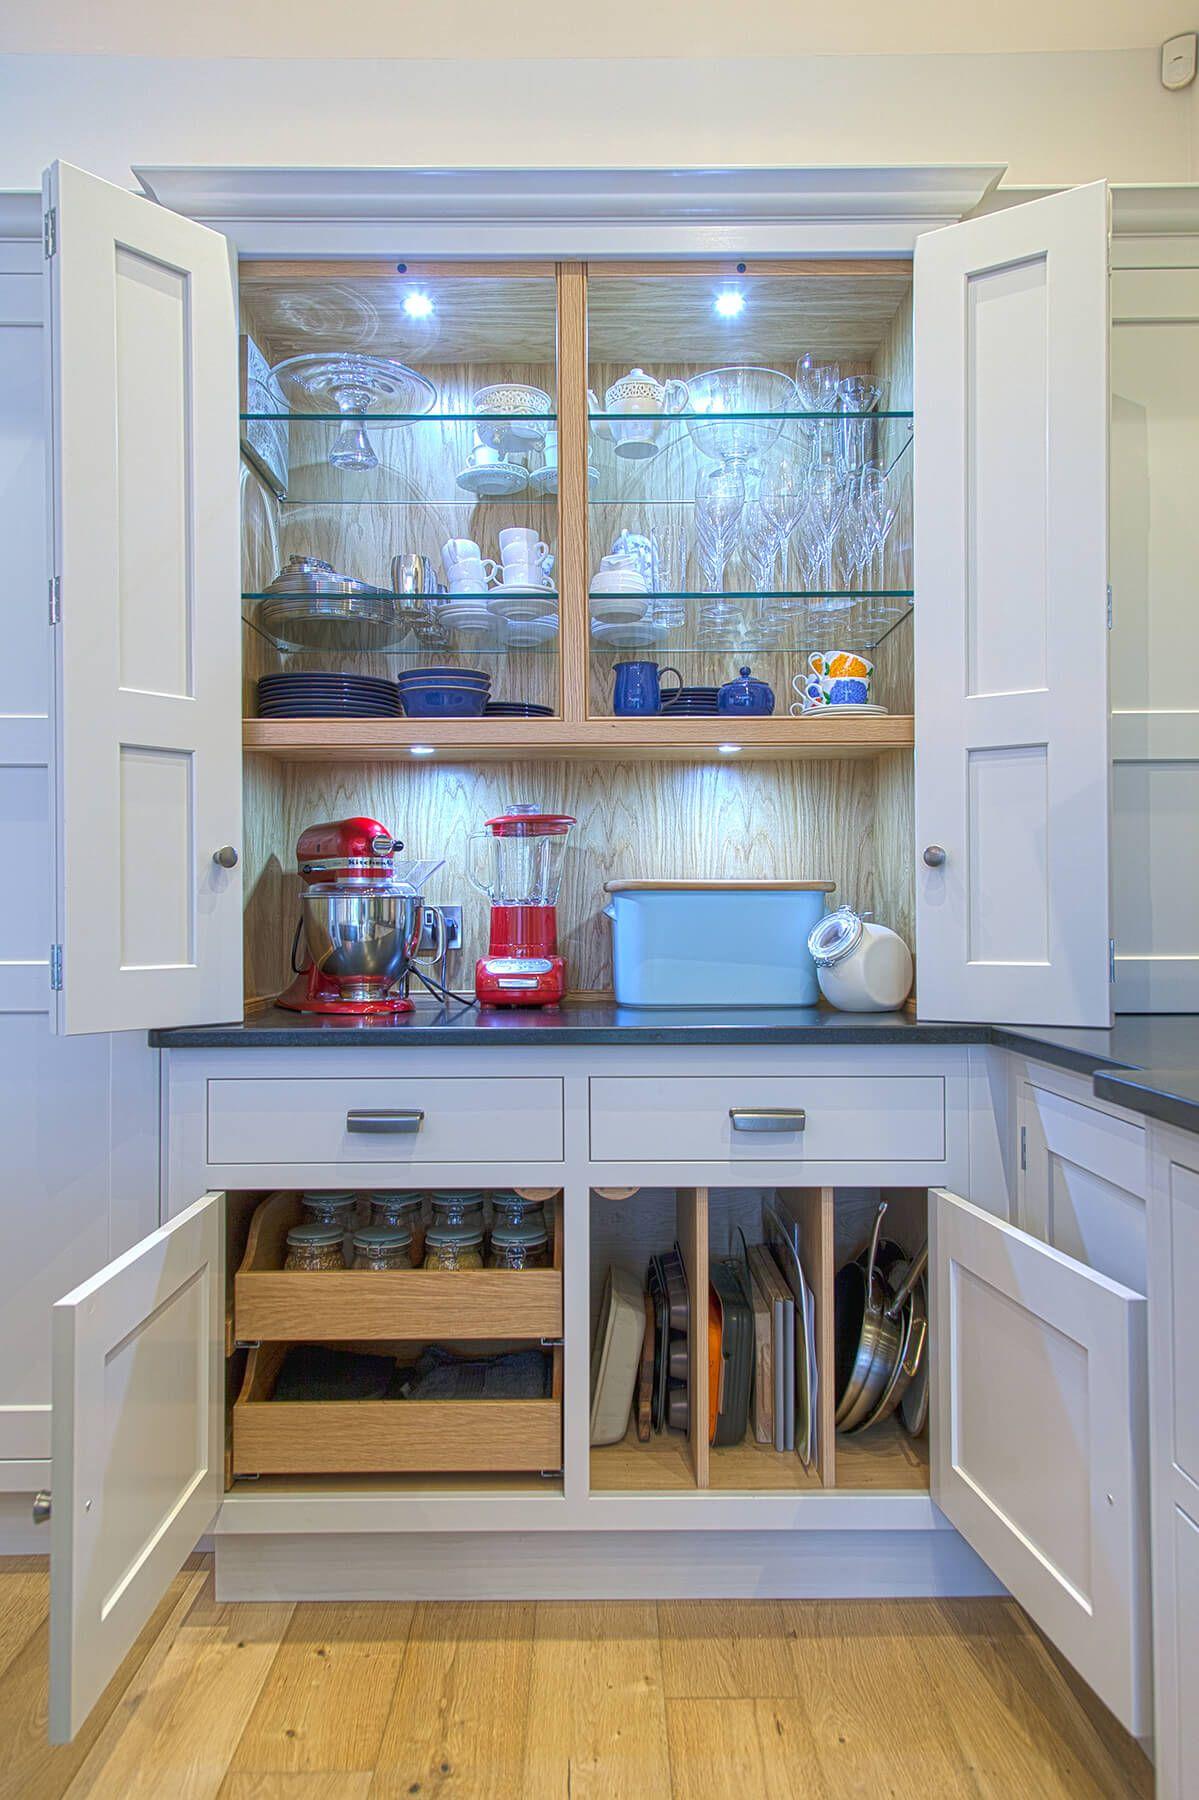 bramhall diy kitchen storage pantry design kitchen on kitchen organization layout id=58377